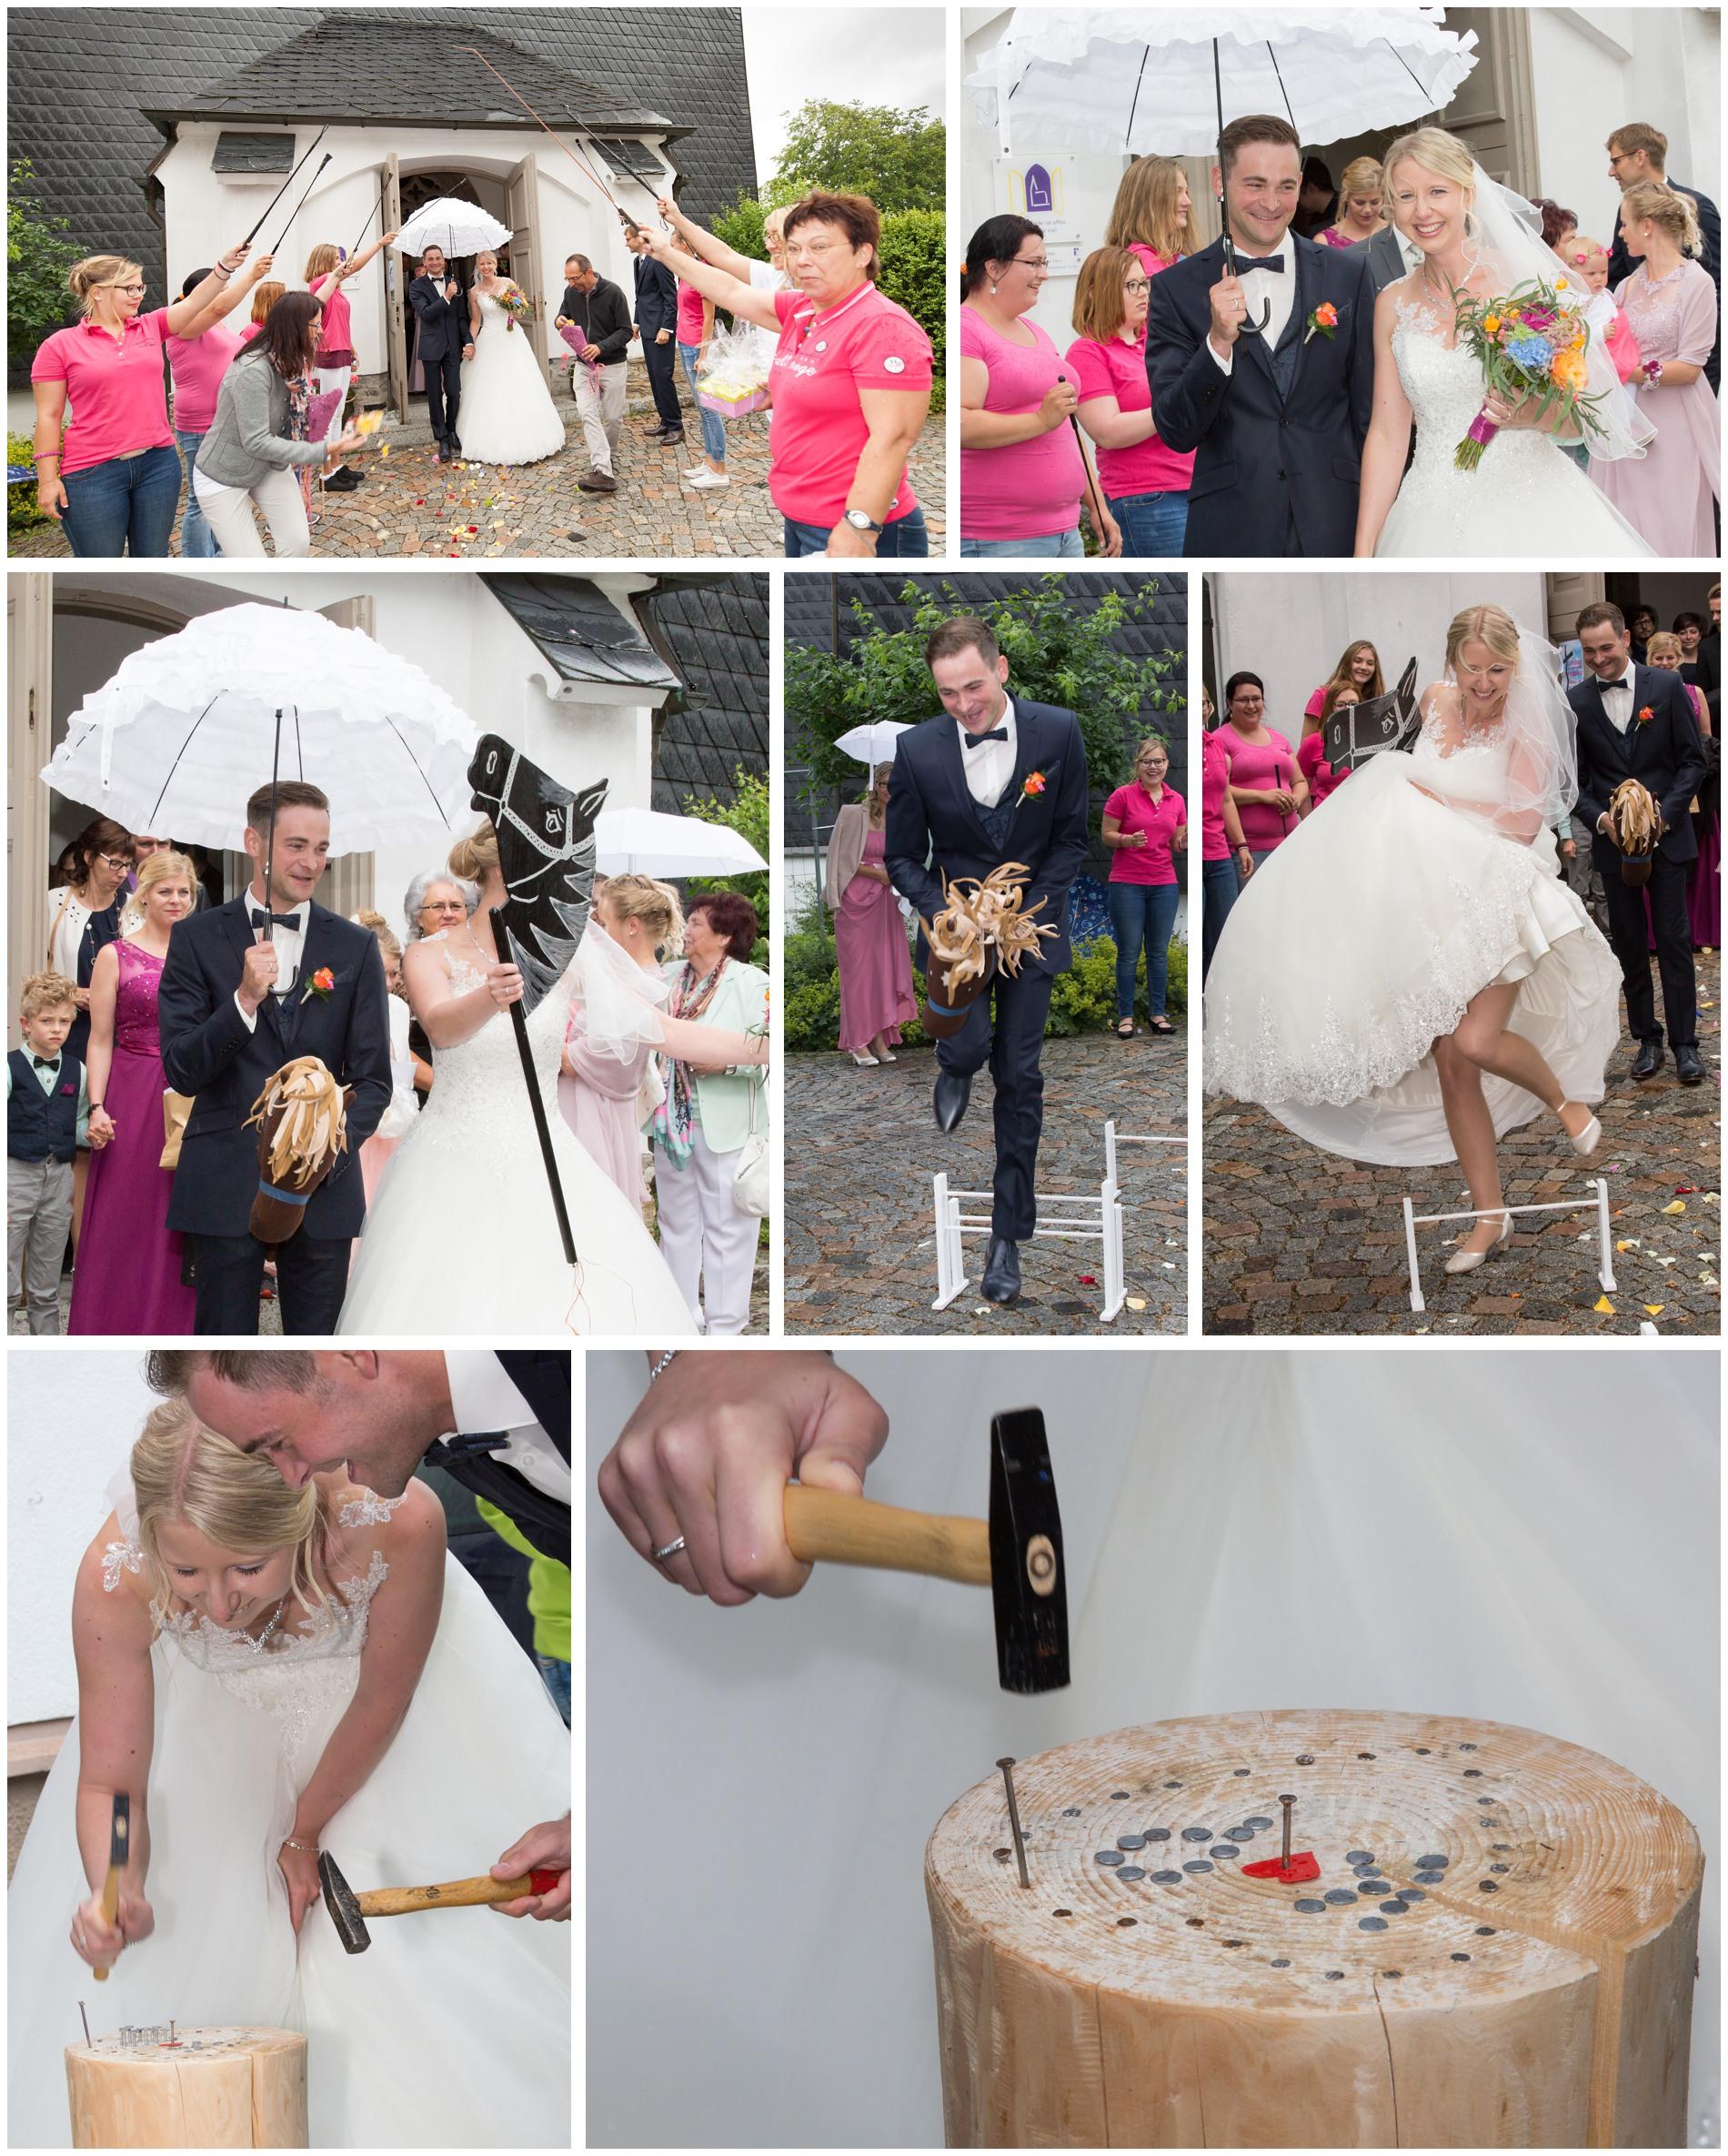 Hochzeitsfotograf Geroldsgrün - Hochzeits- und Portraitfotografin Stephanie Scharschmidt